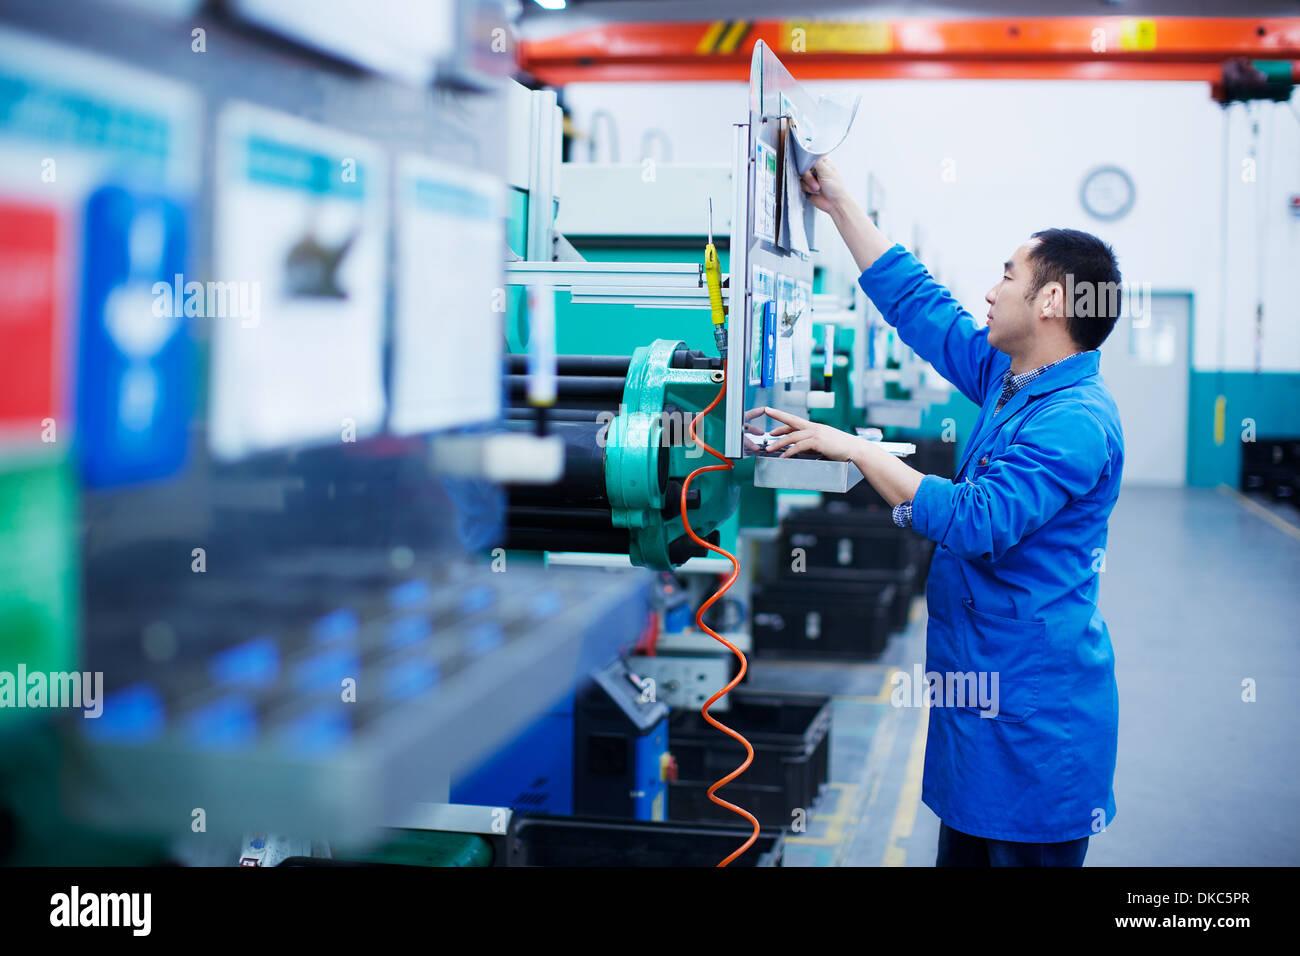 Lavoratore in piccole parti di stabilimento di produzione in Cina, raggiungendo fino a premere il pulsante sul pannello di controllo Immagini Stock